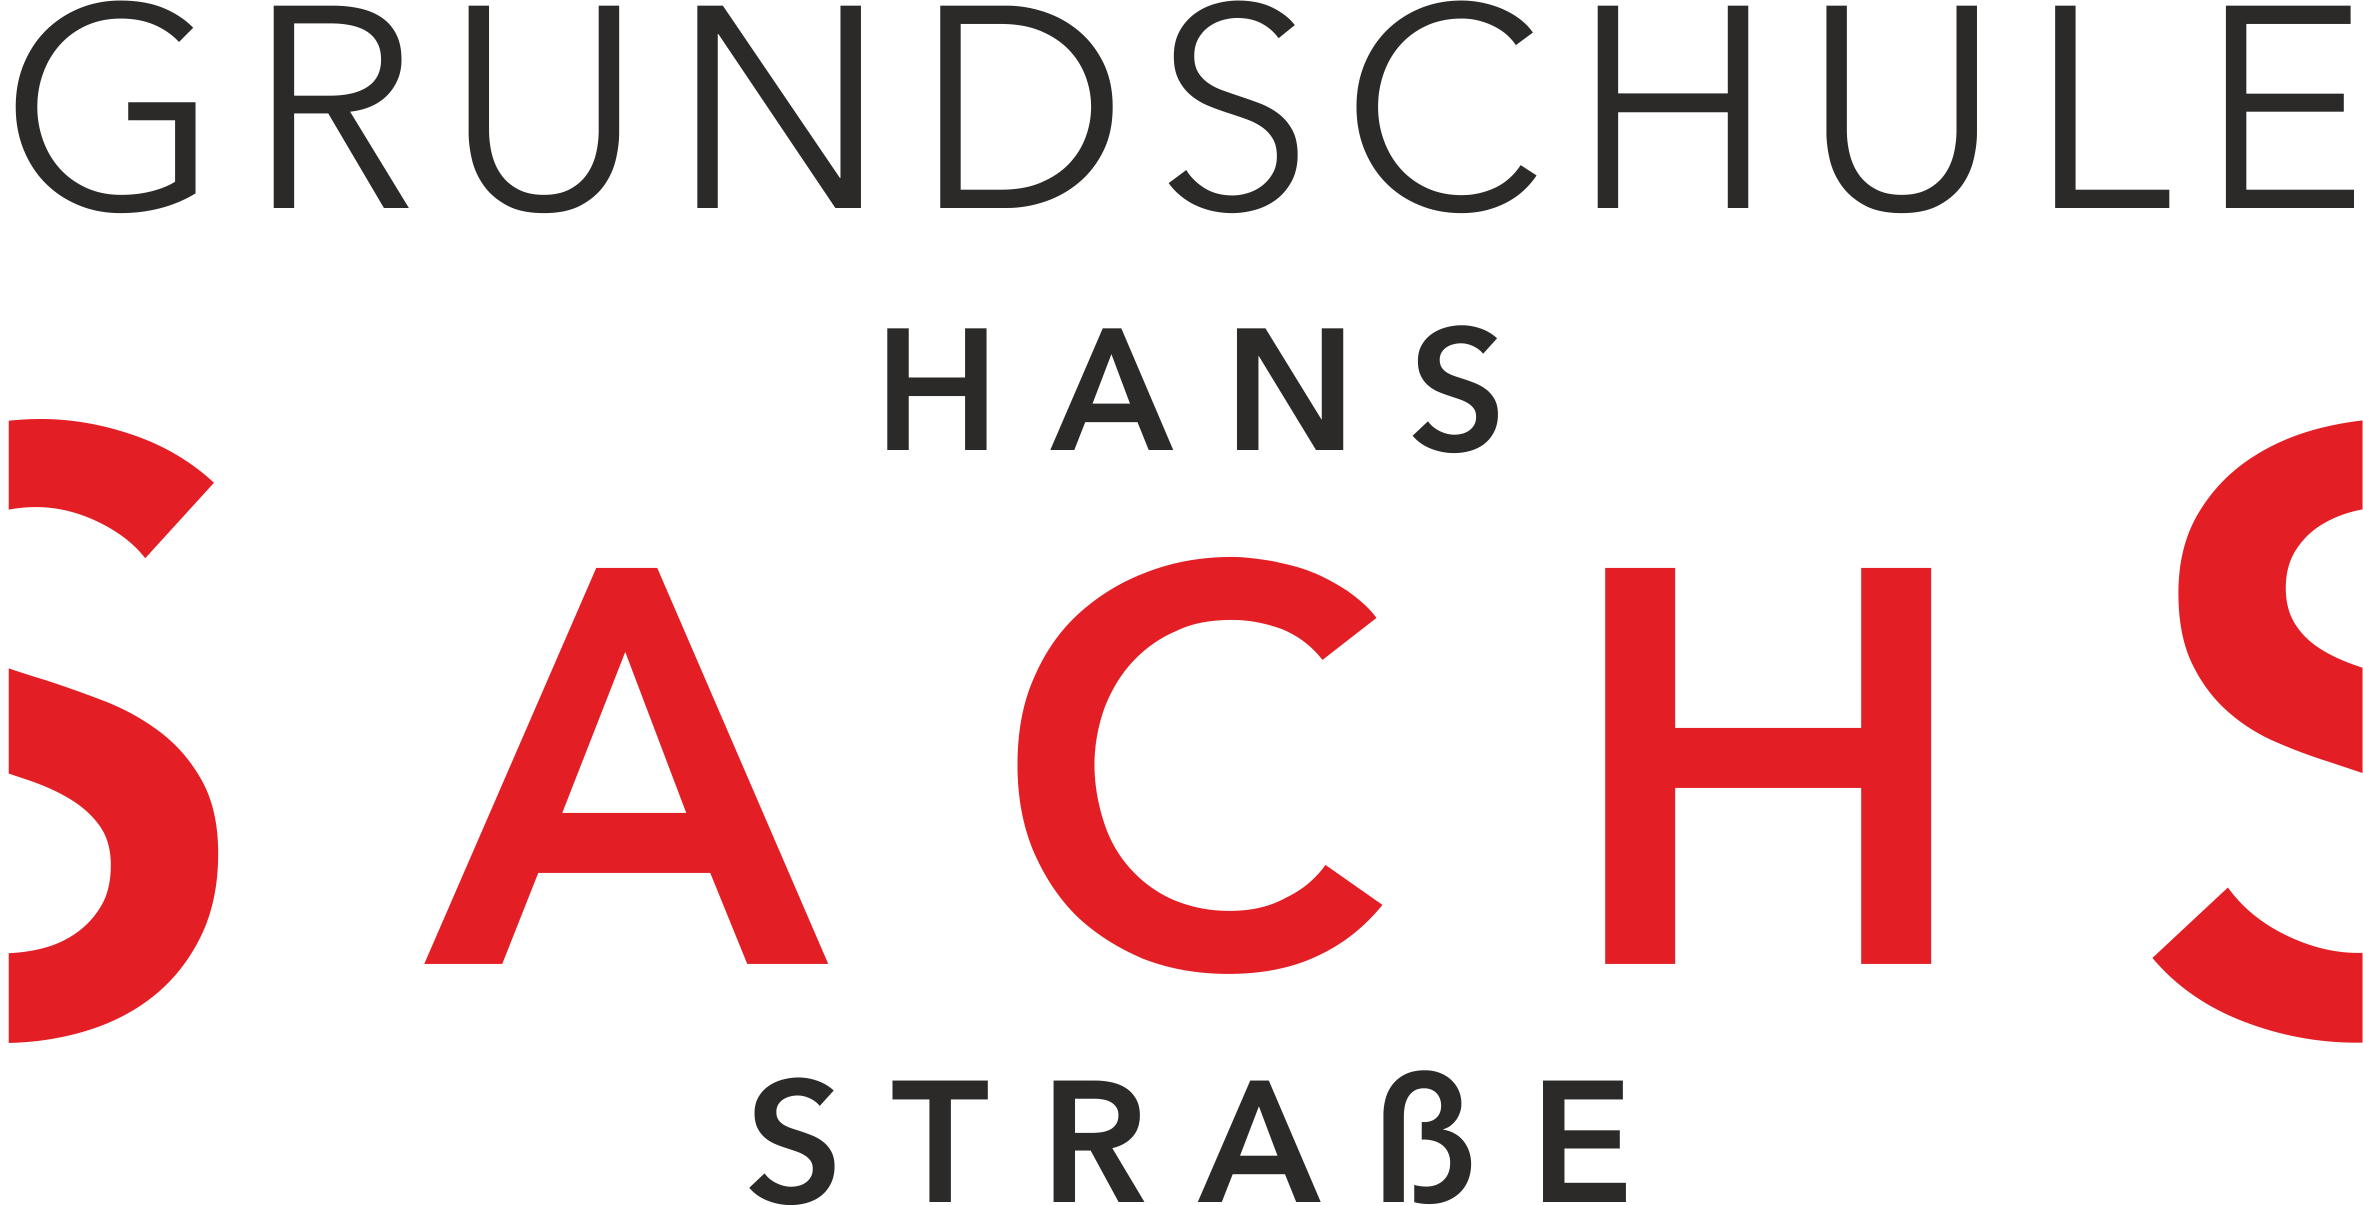 Hans-Sachs-Schule